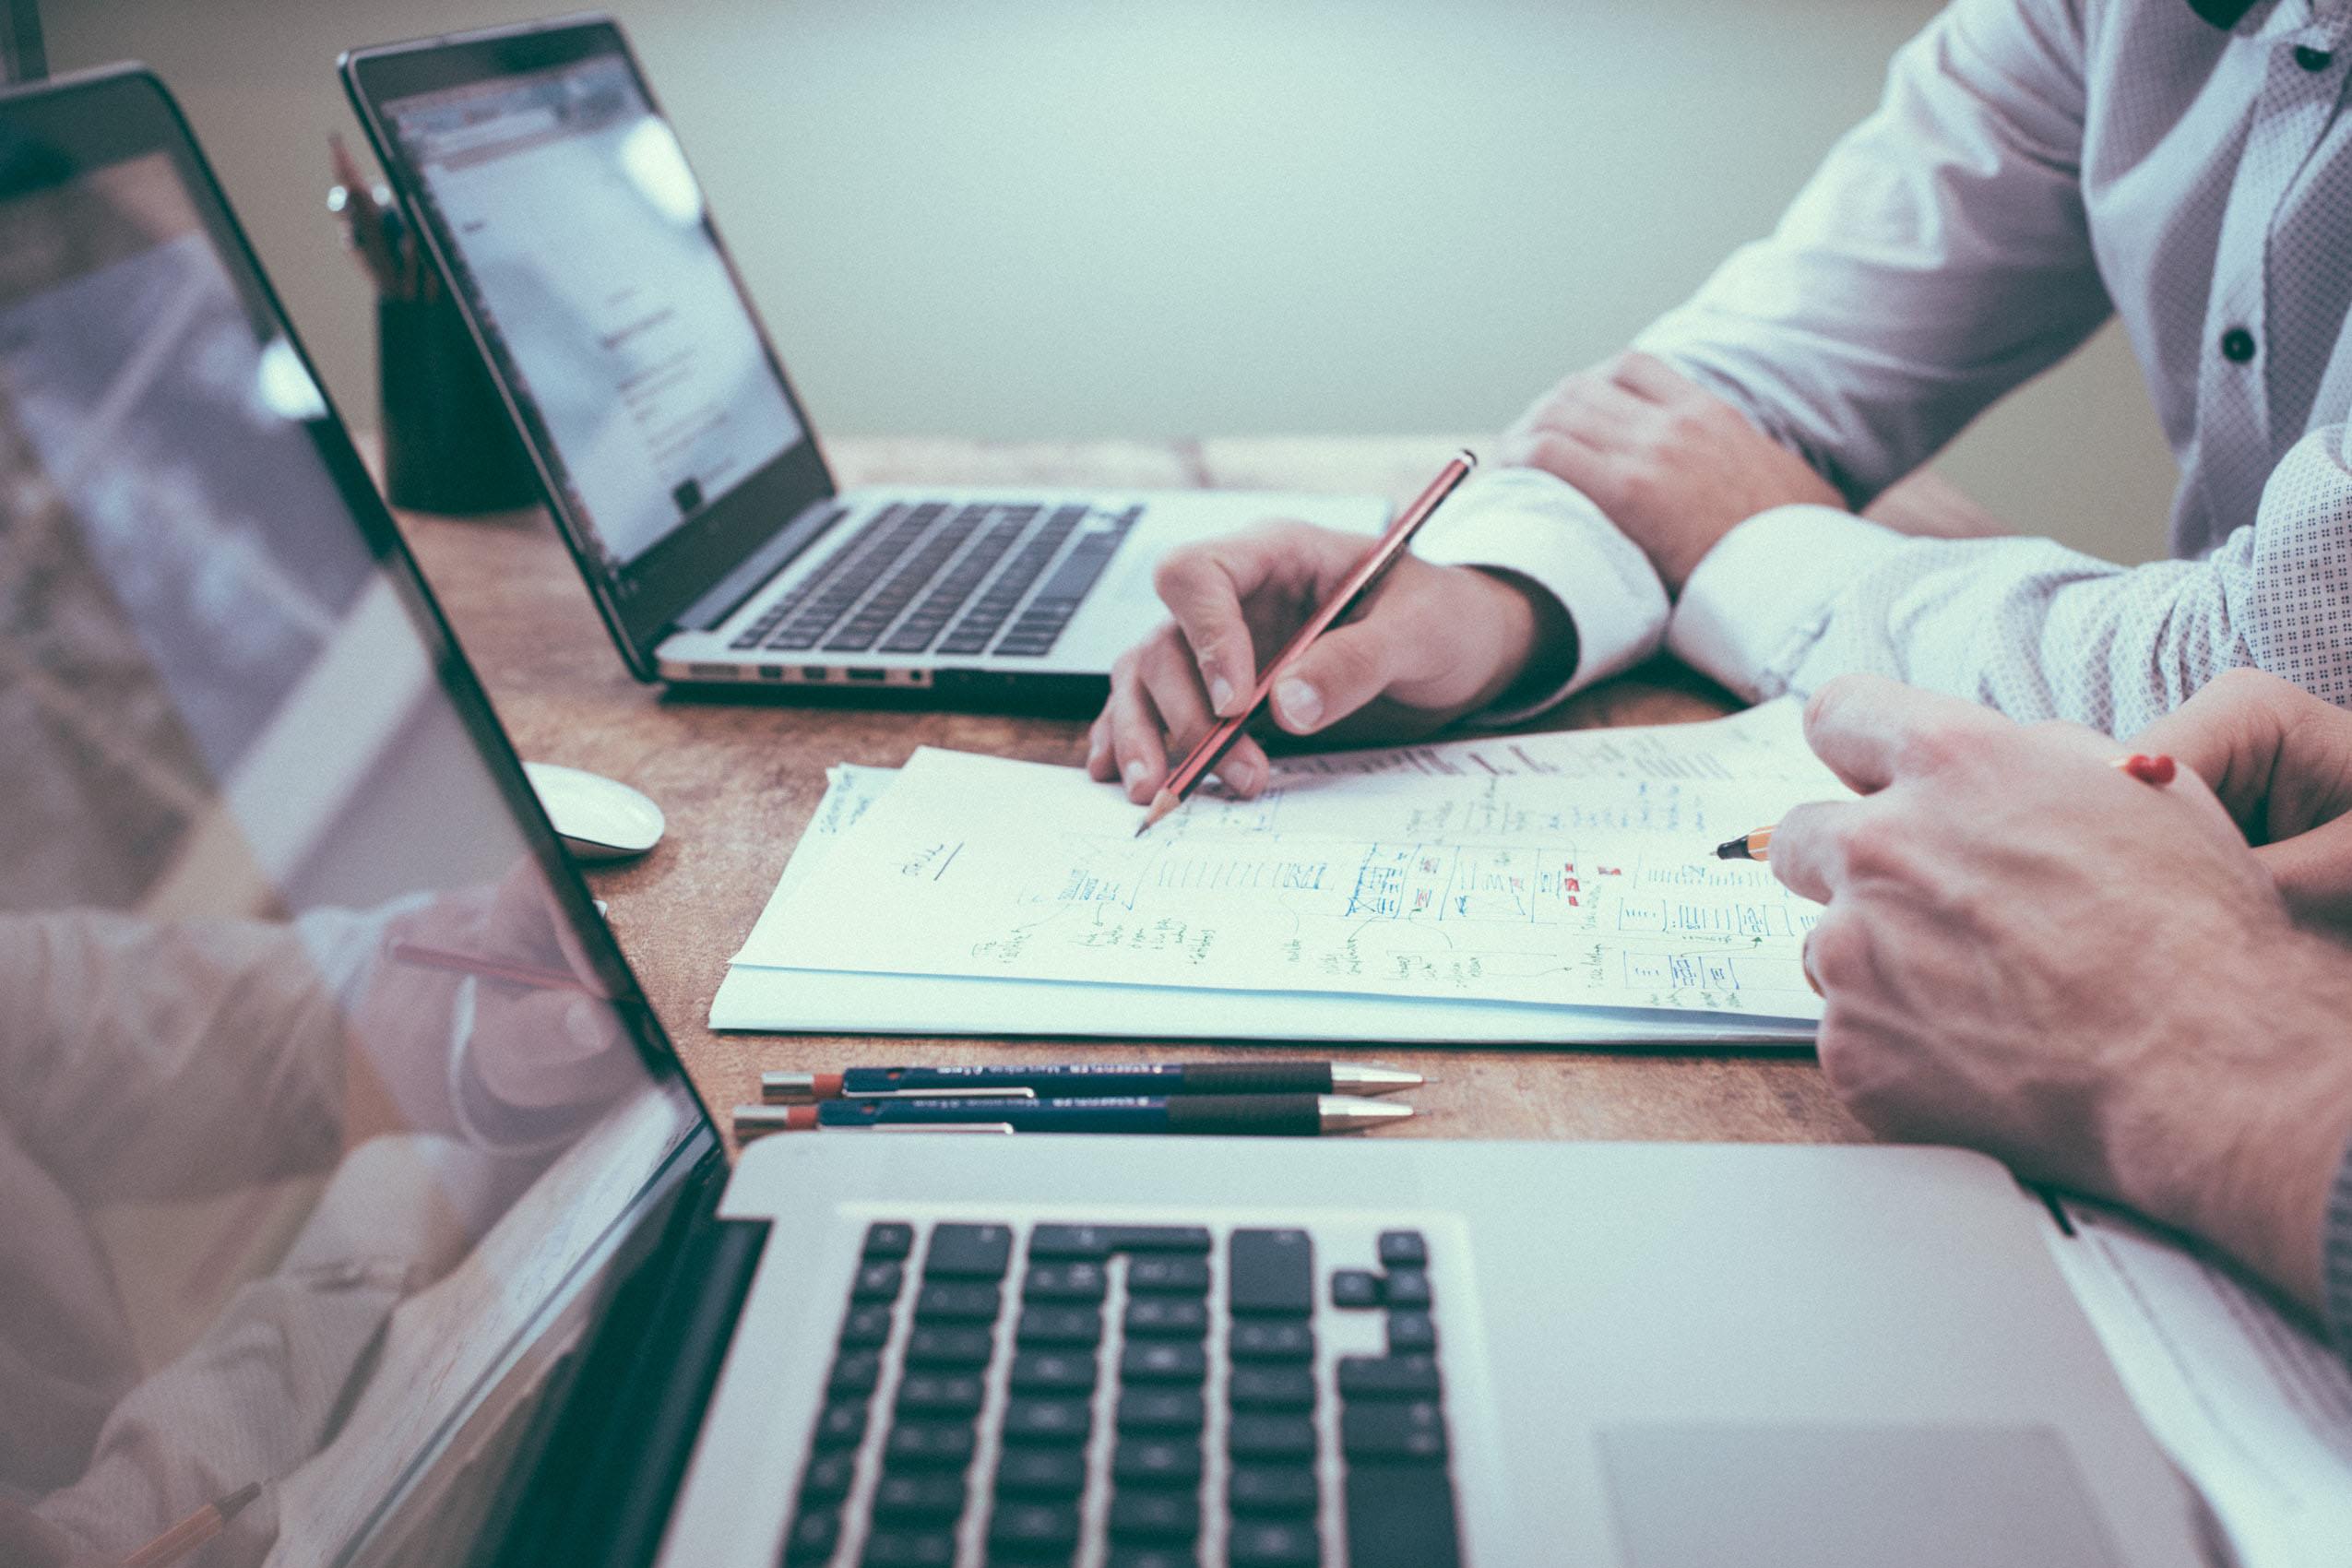 Ein Tisch mit zwei Laptops und Unterlagen, zwei Menschen brarbeiten ein Arbeitsblatt